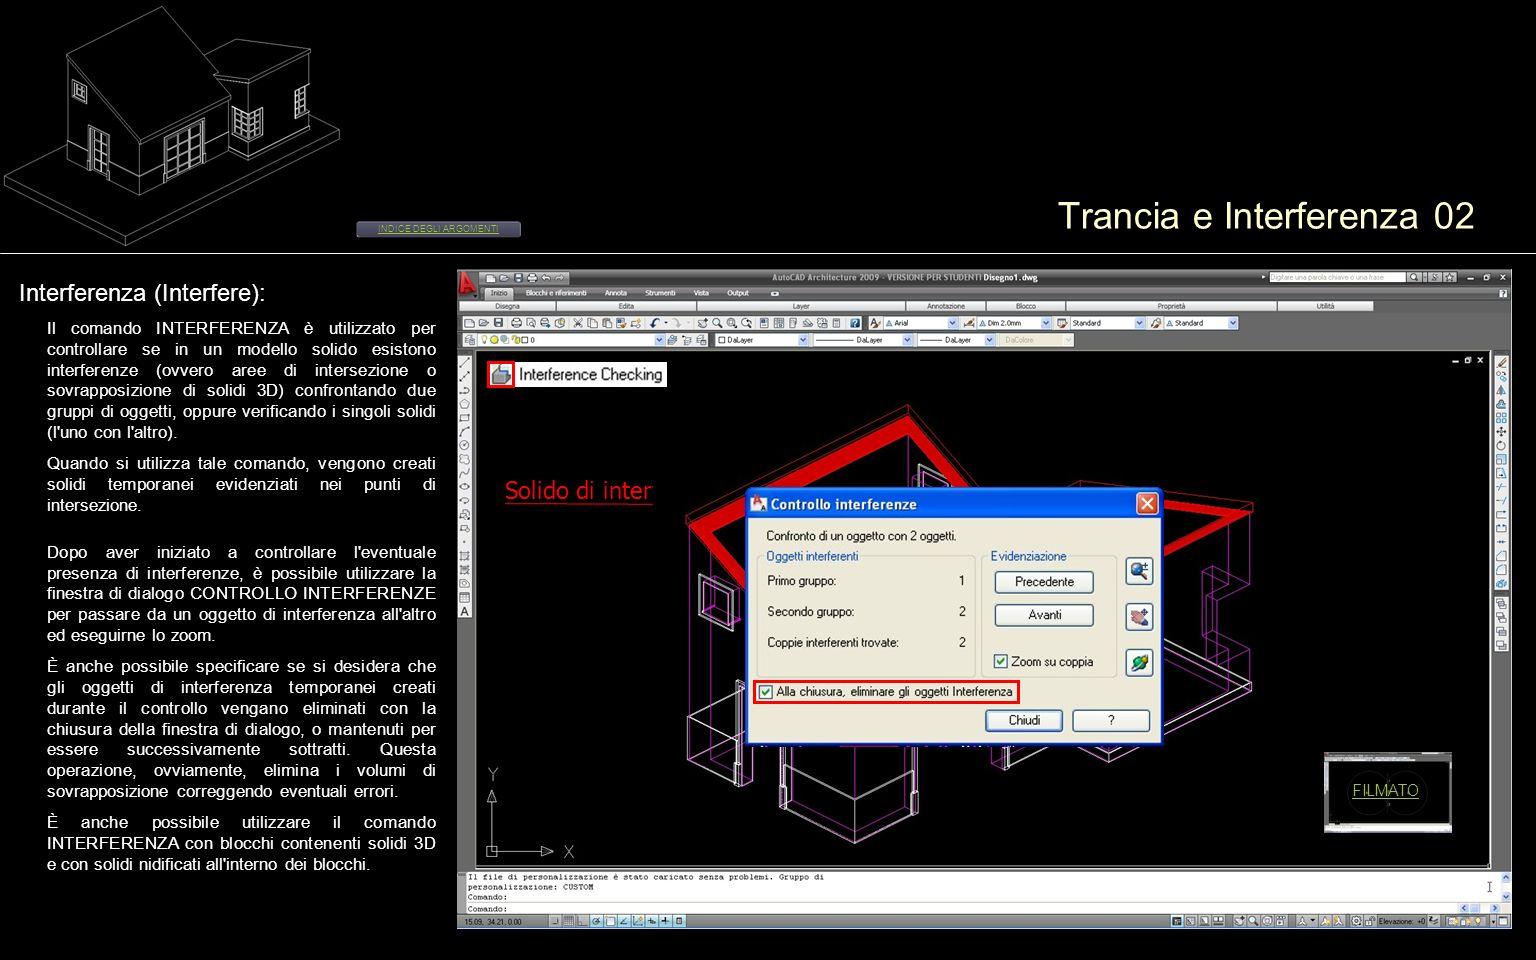 Trancia e Interferenza 02